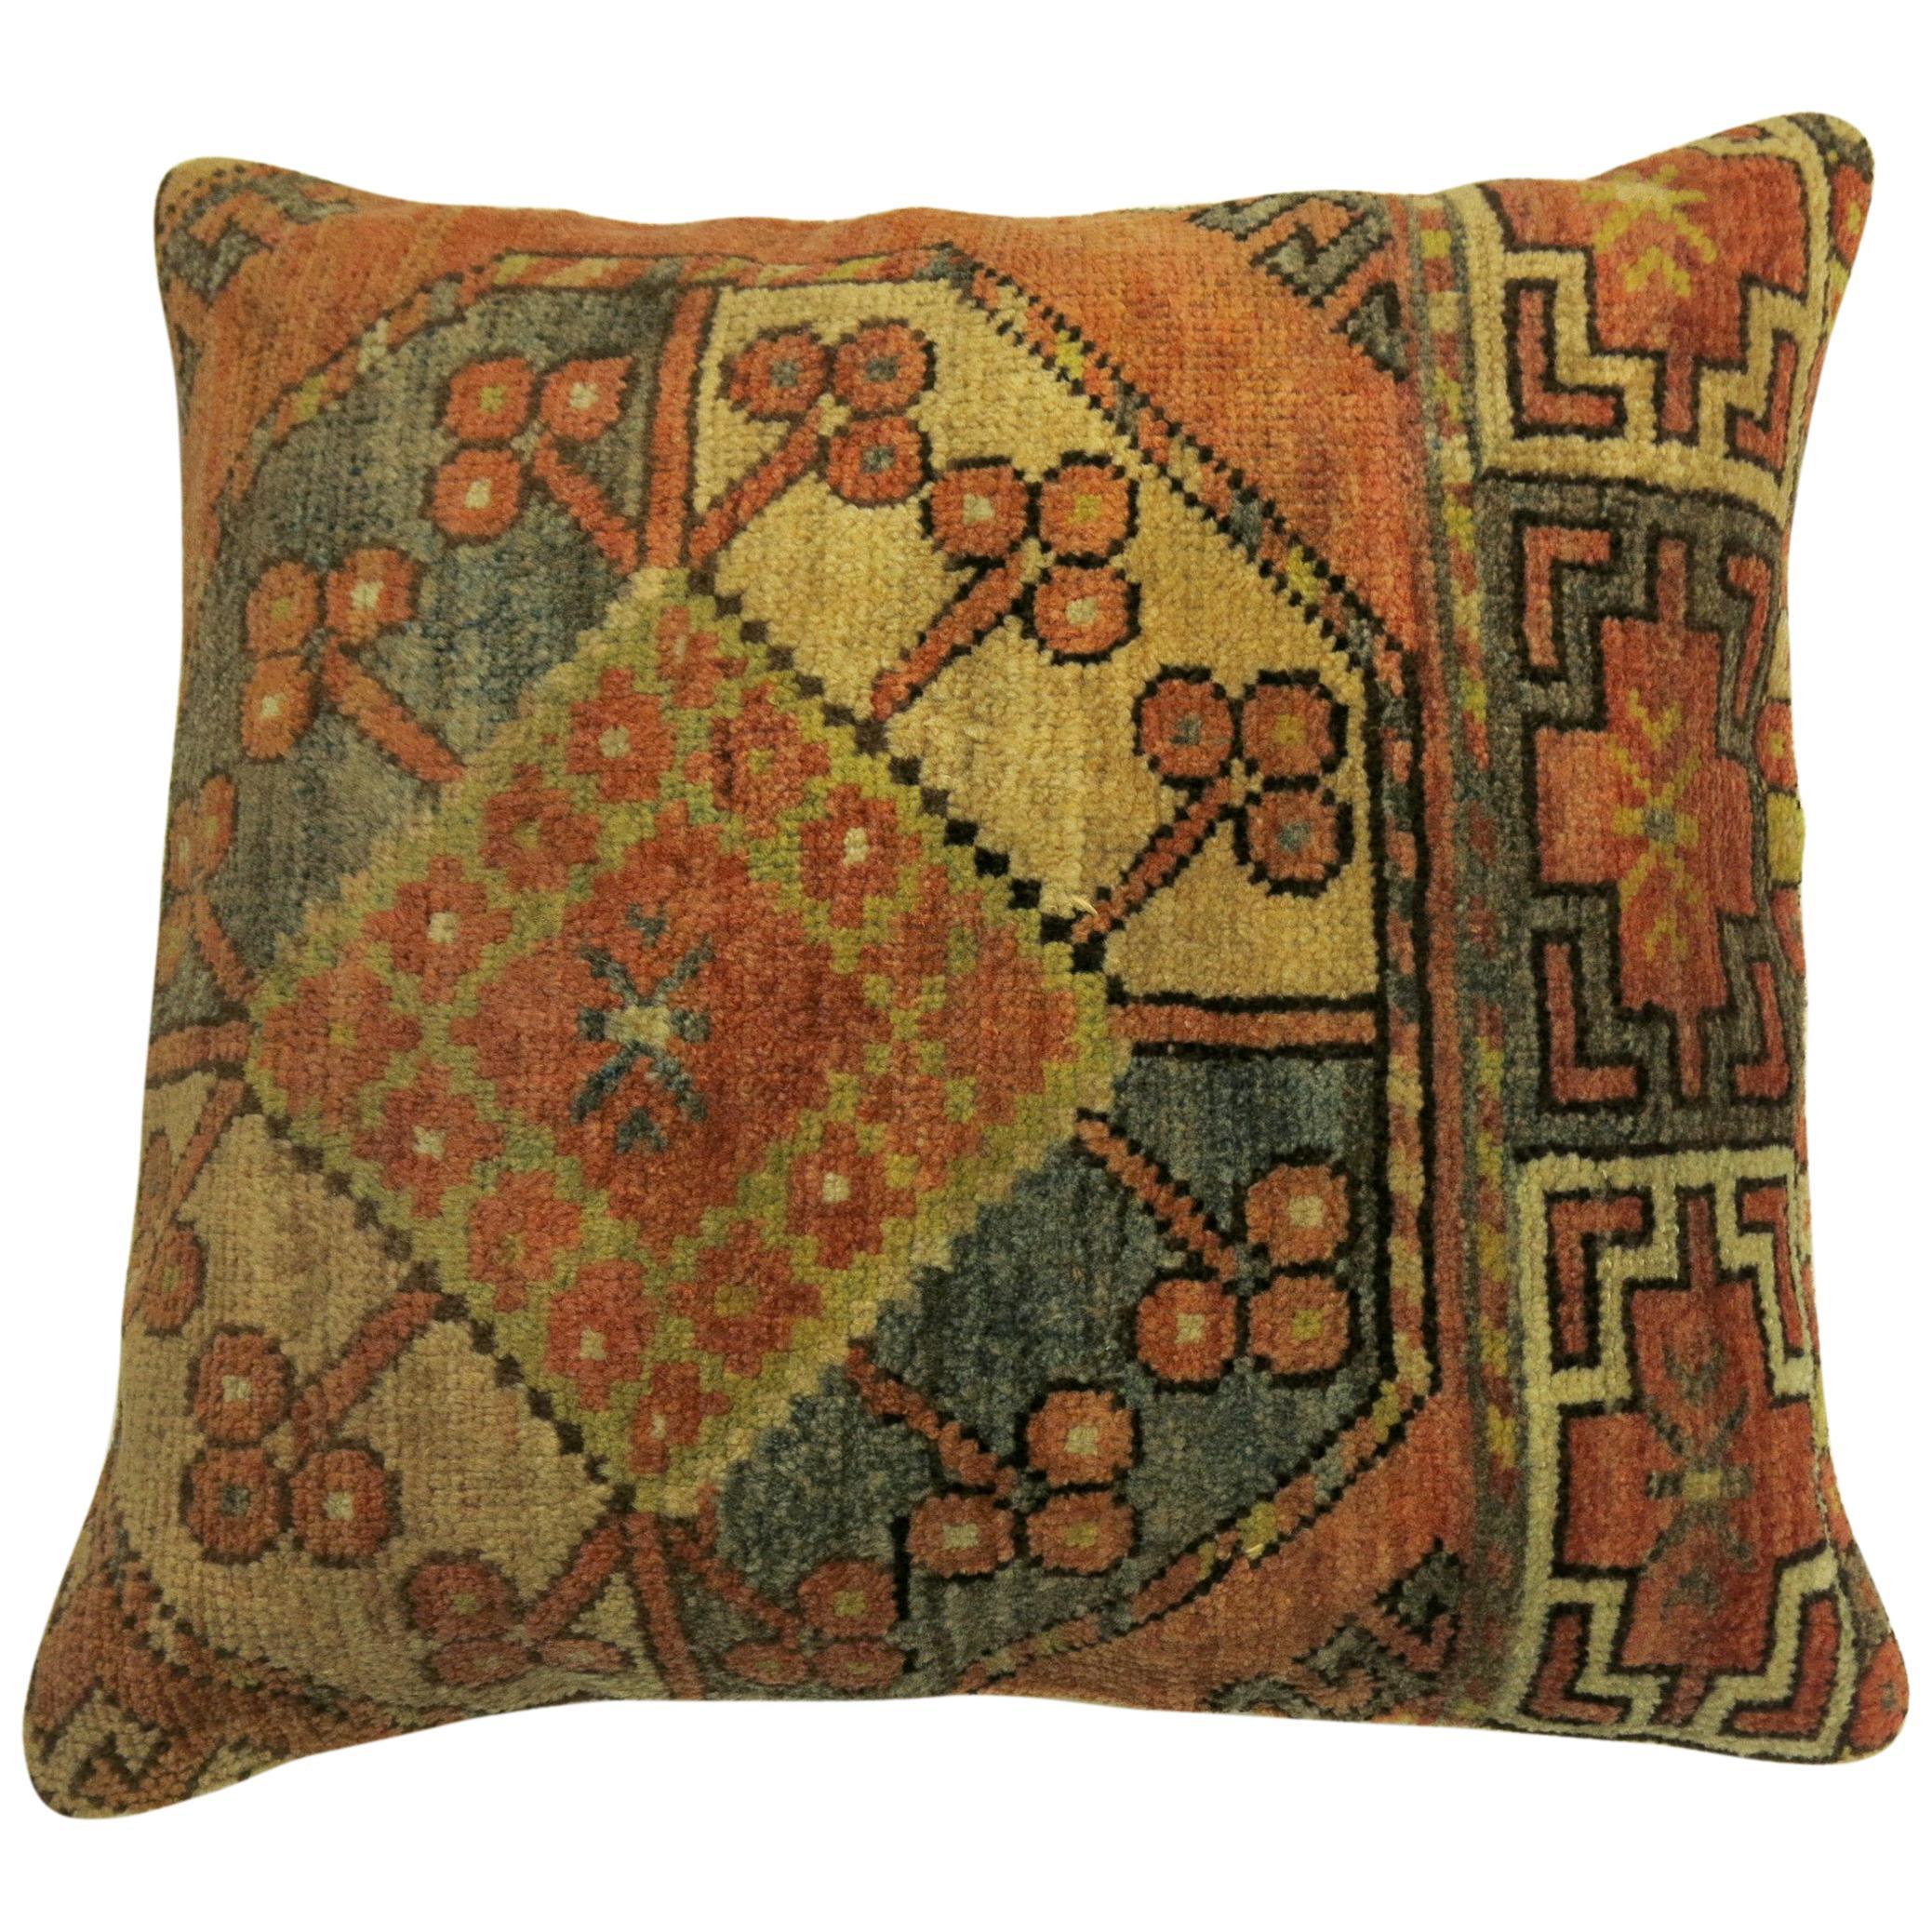 Tribal Ersari Rug Pillow